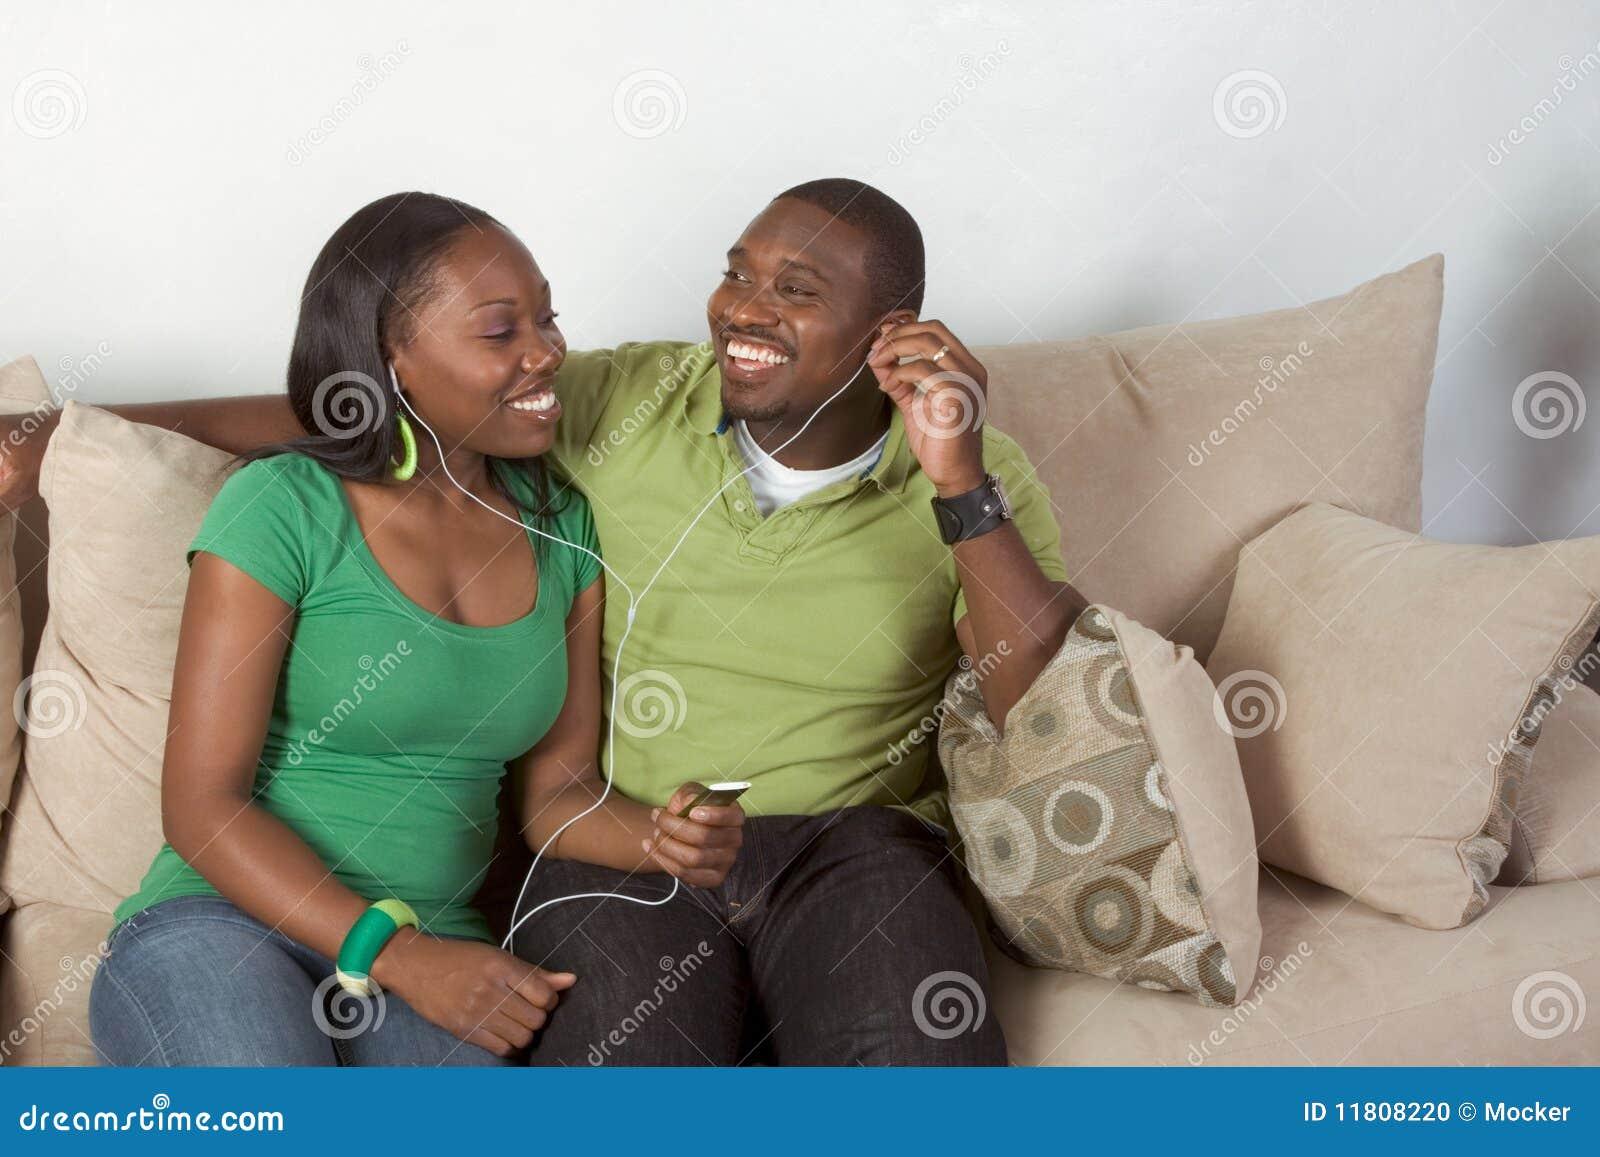 Música que escucha de los pares negros étnicos jovenes felices